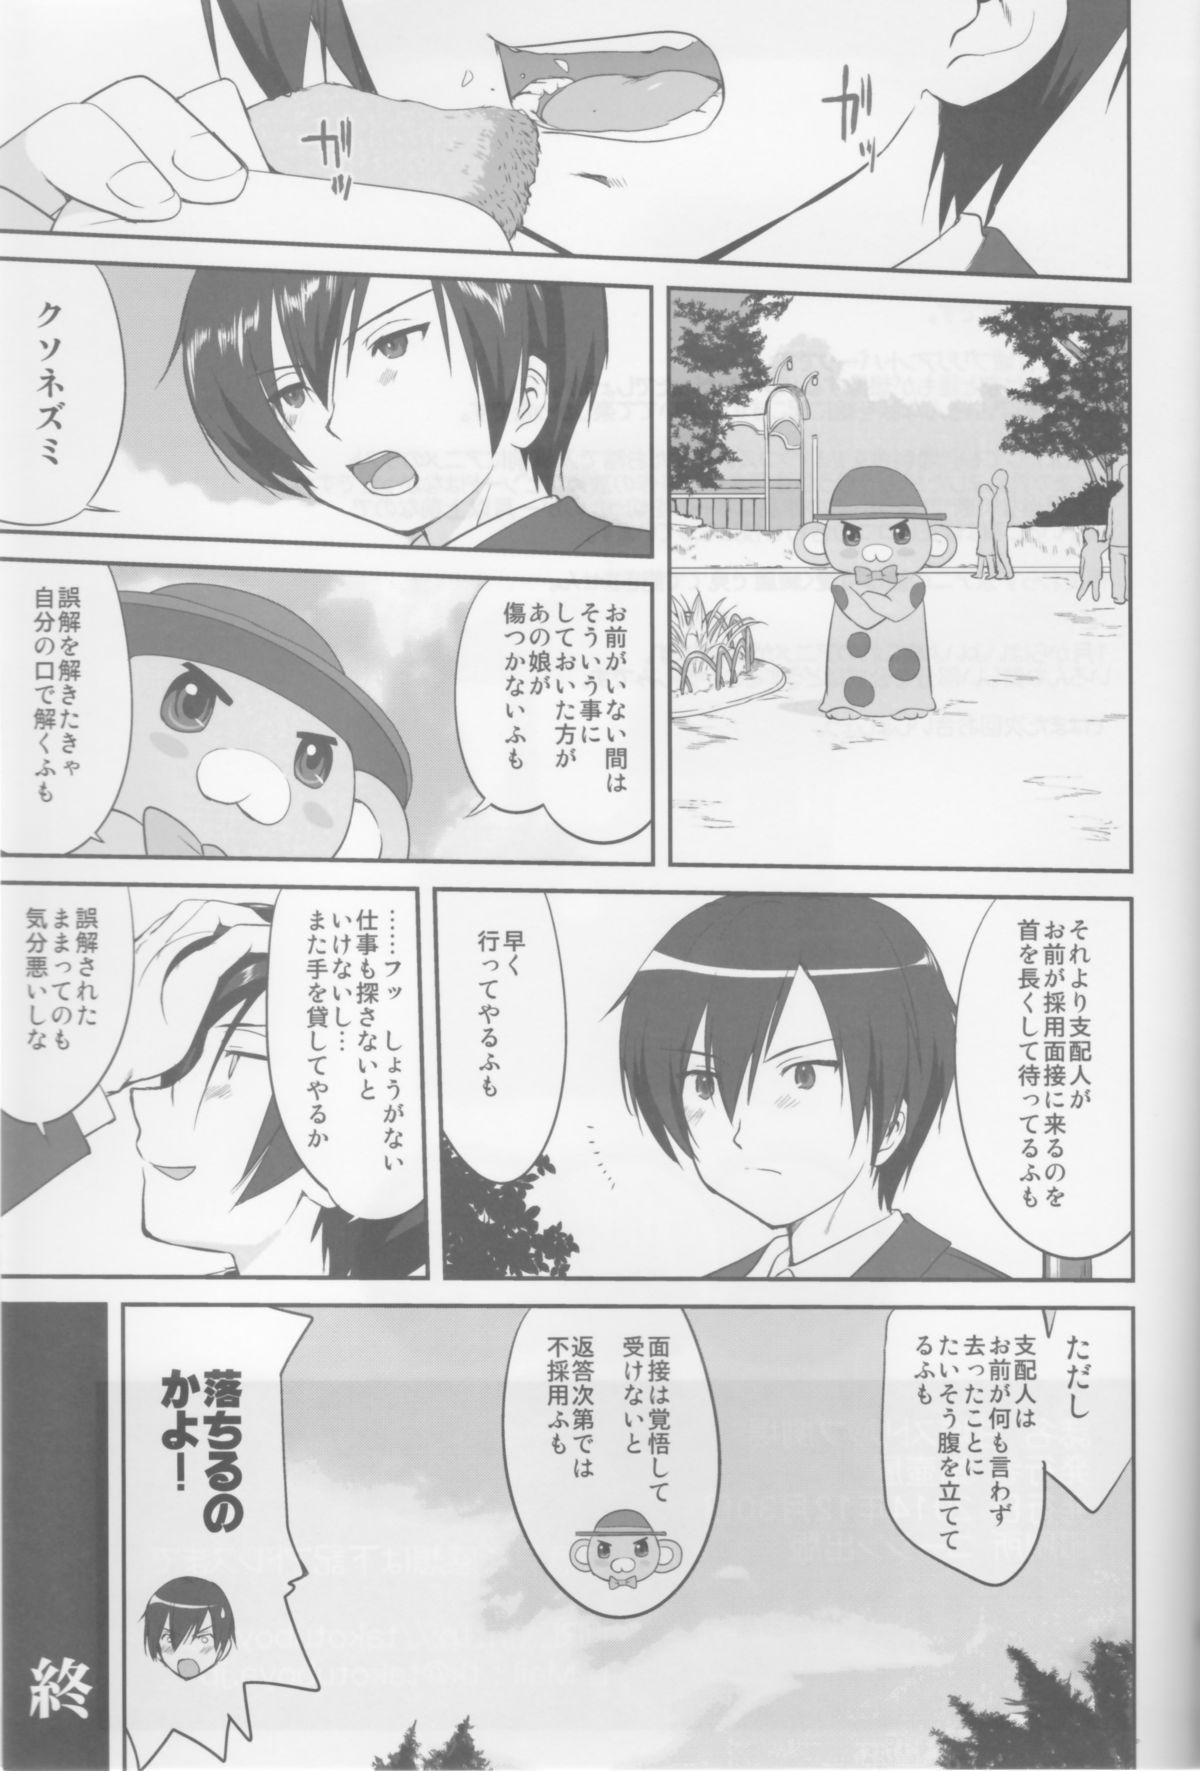 Amagi Strip Gekijou 55